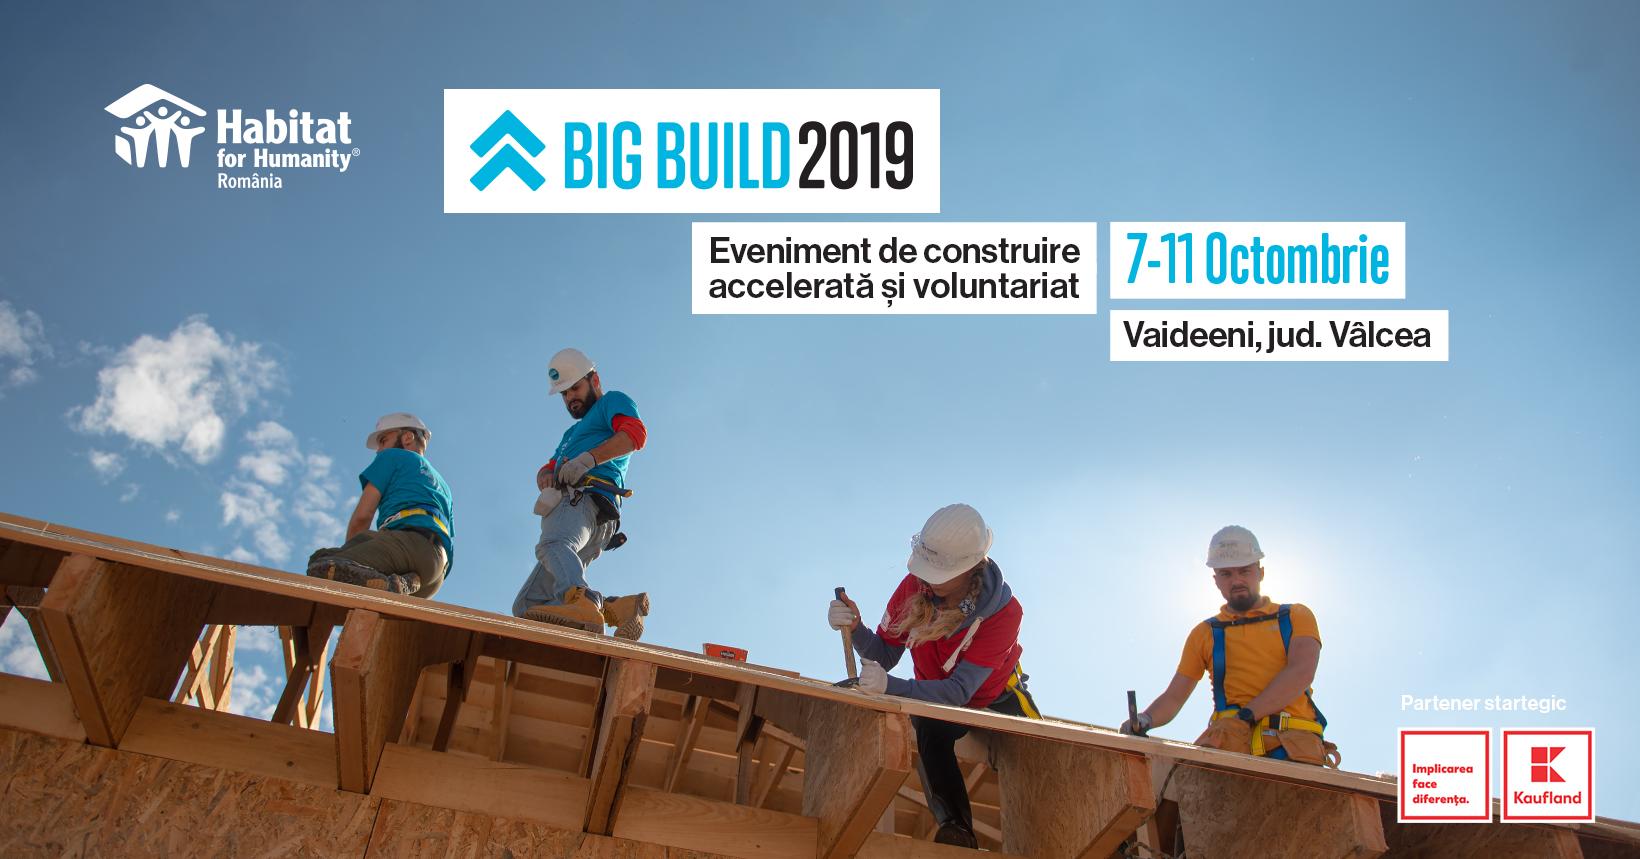 Habitat for Humanity caută 150 voluntari care să construiască 10 locuințe în 5 zile, la BIG BUILD 2019